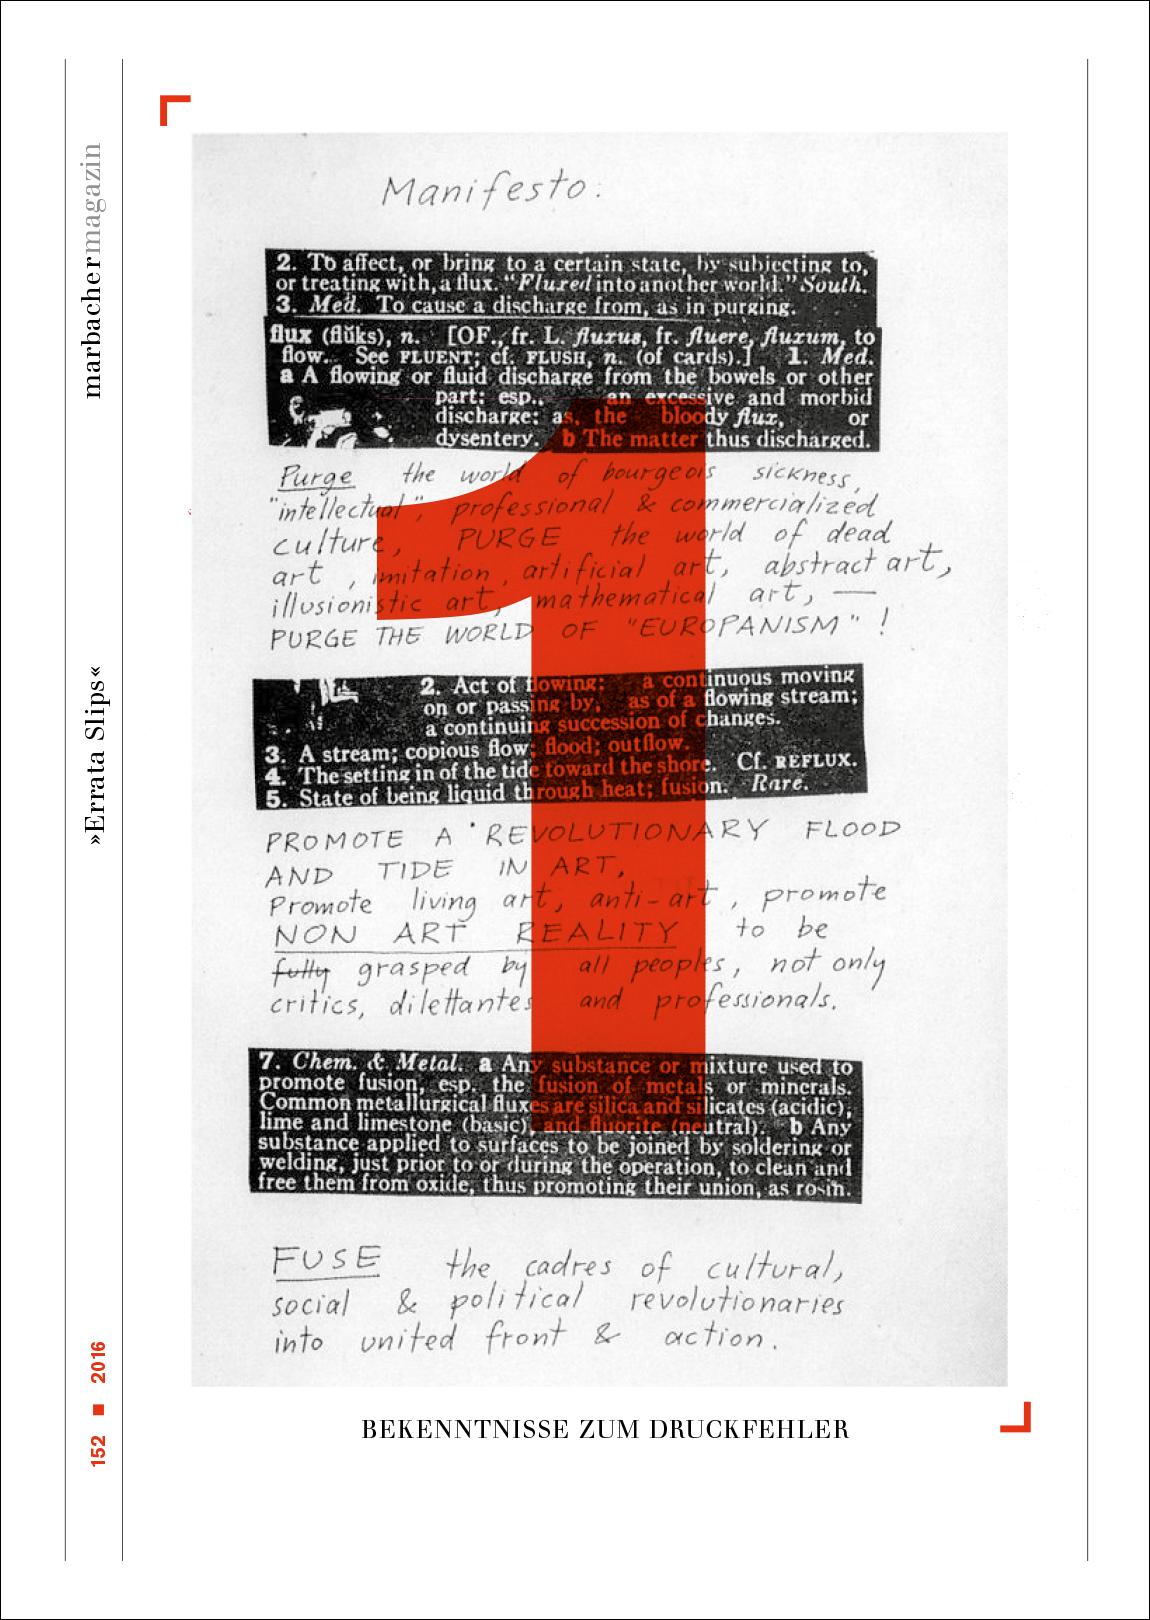 Engenhart Design Tender Deutsches Literaturarchiv Marbach